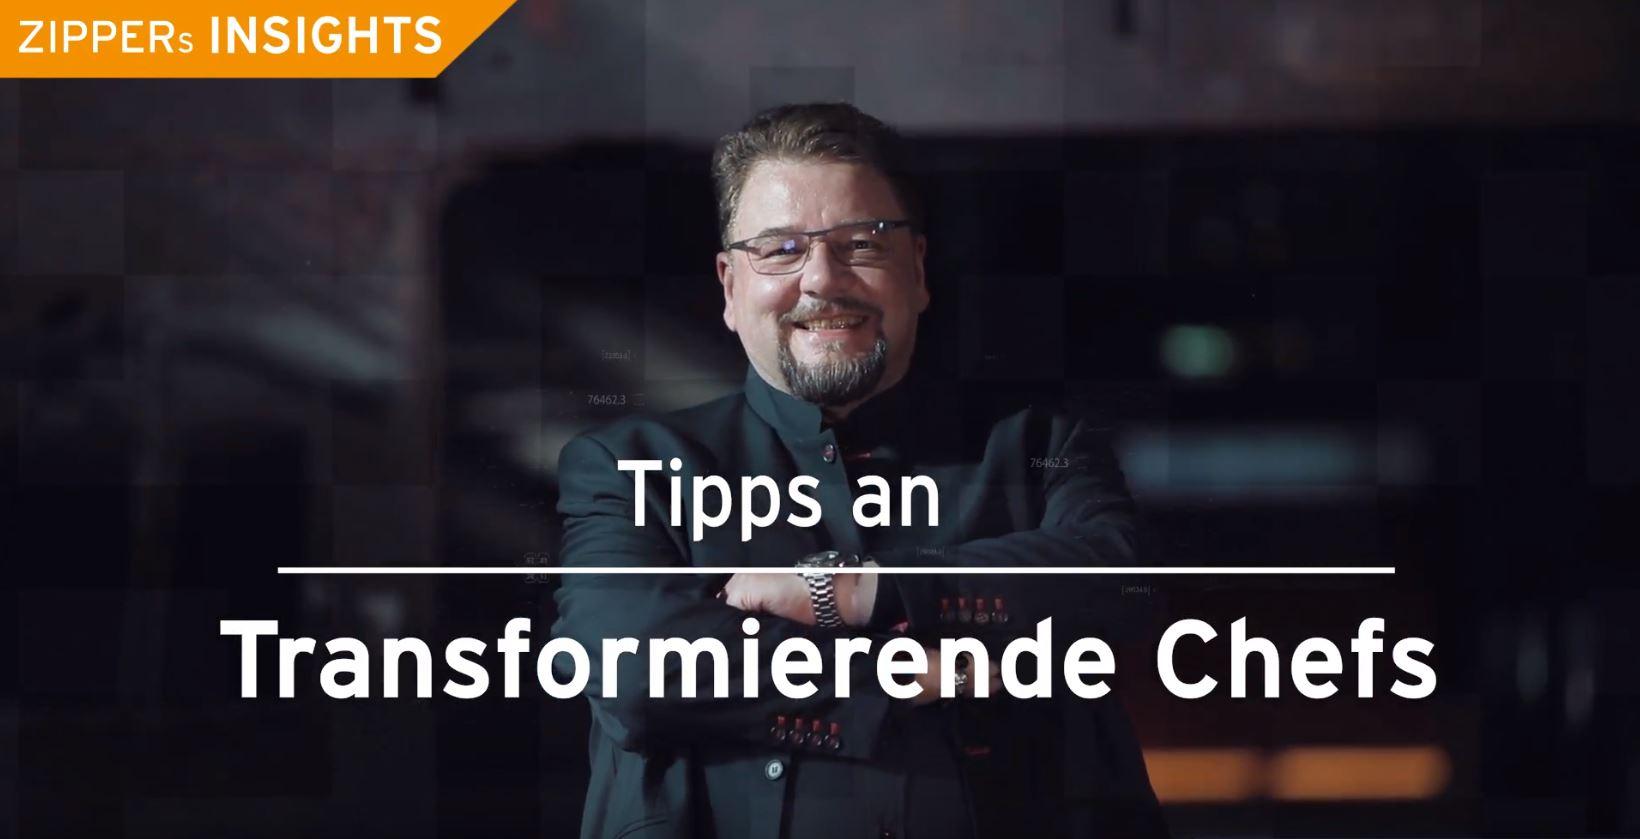 ZIPPERs INSIGHTS: Chefs – Raus aus der Komfortzone! 6 Tipps für effektive Verhaltensweisen